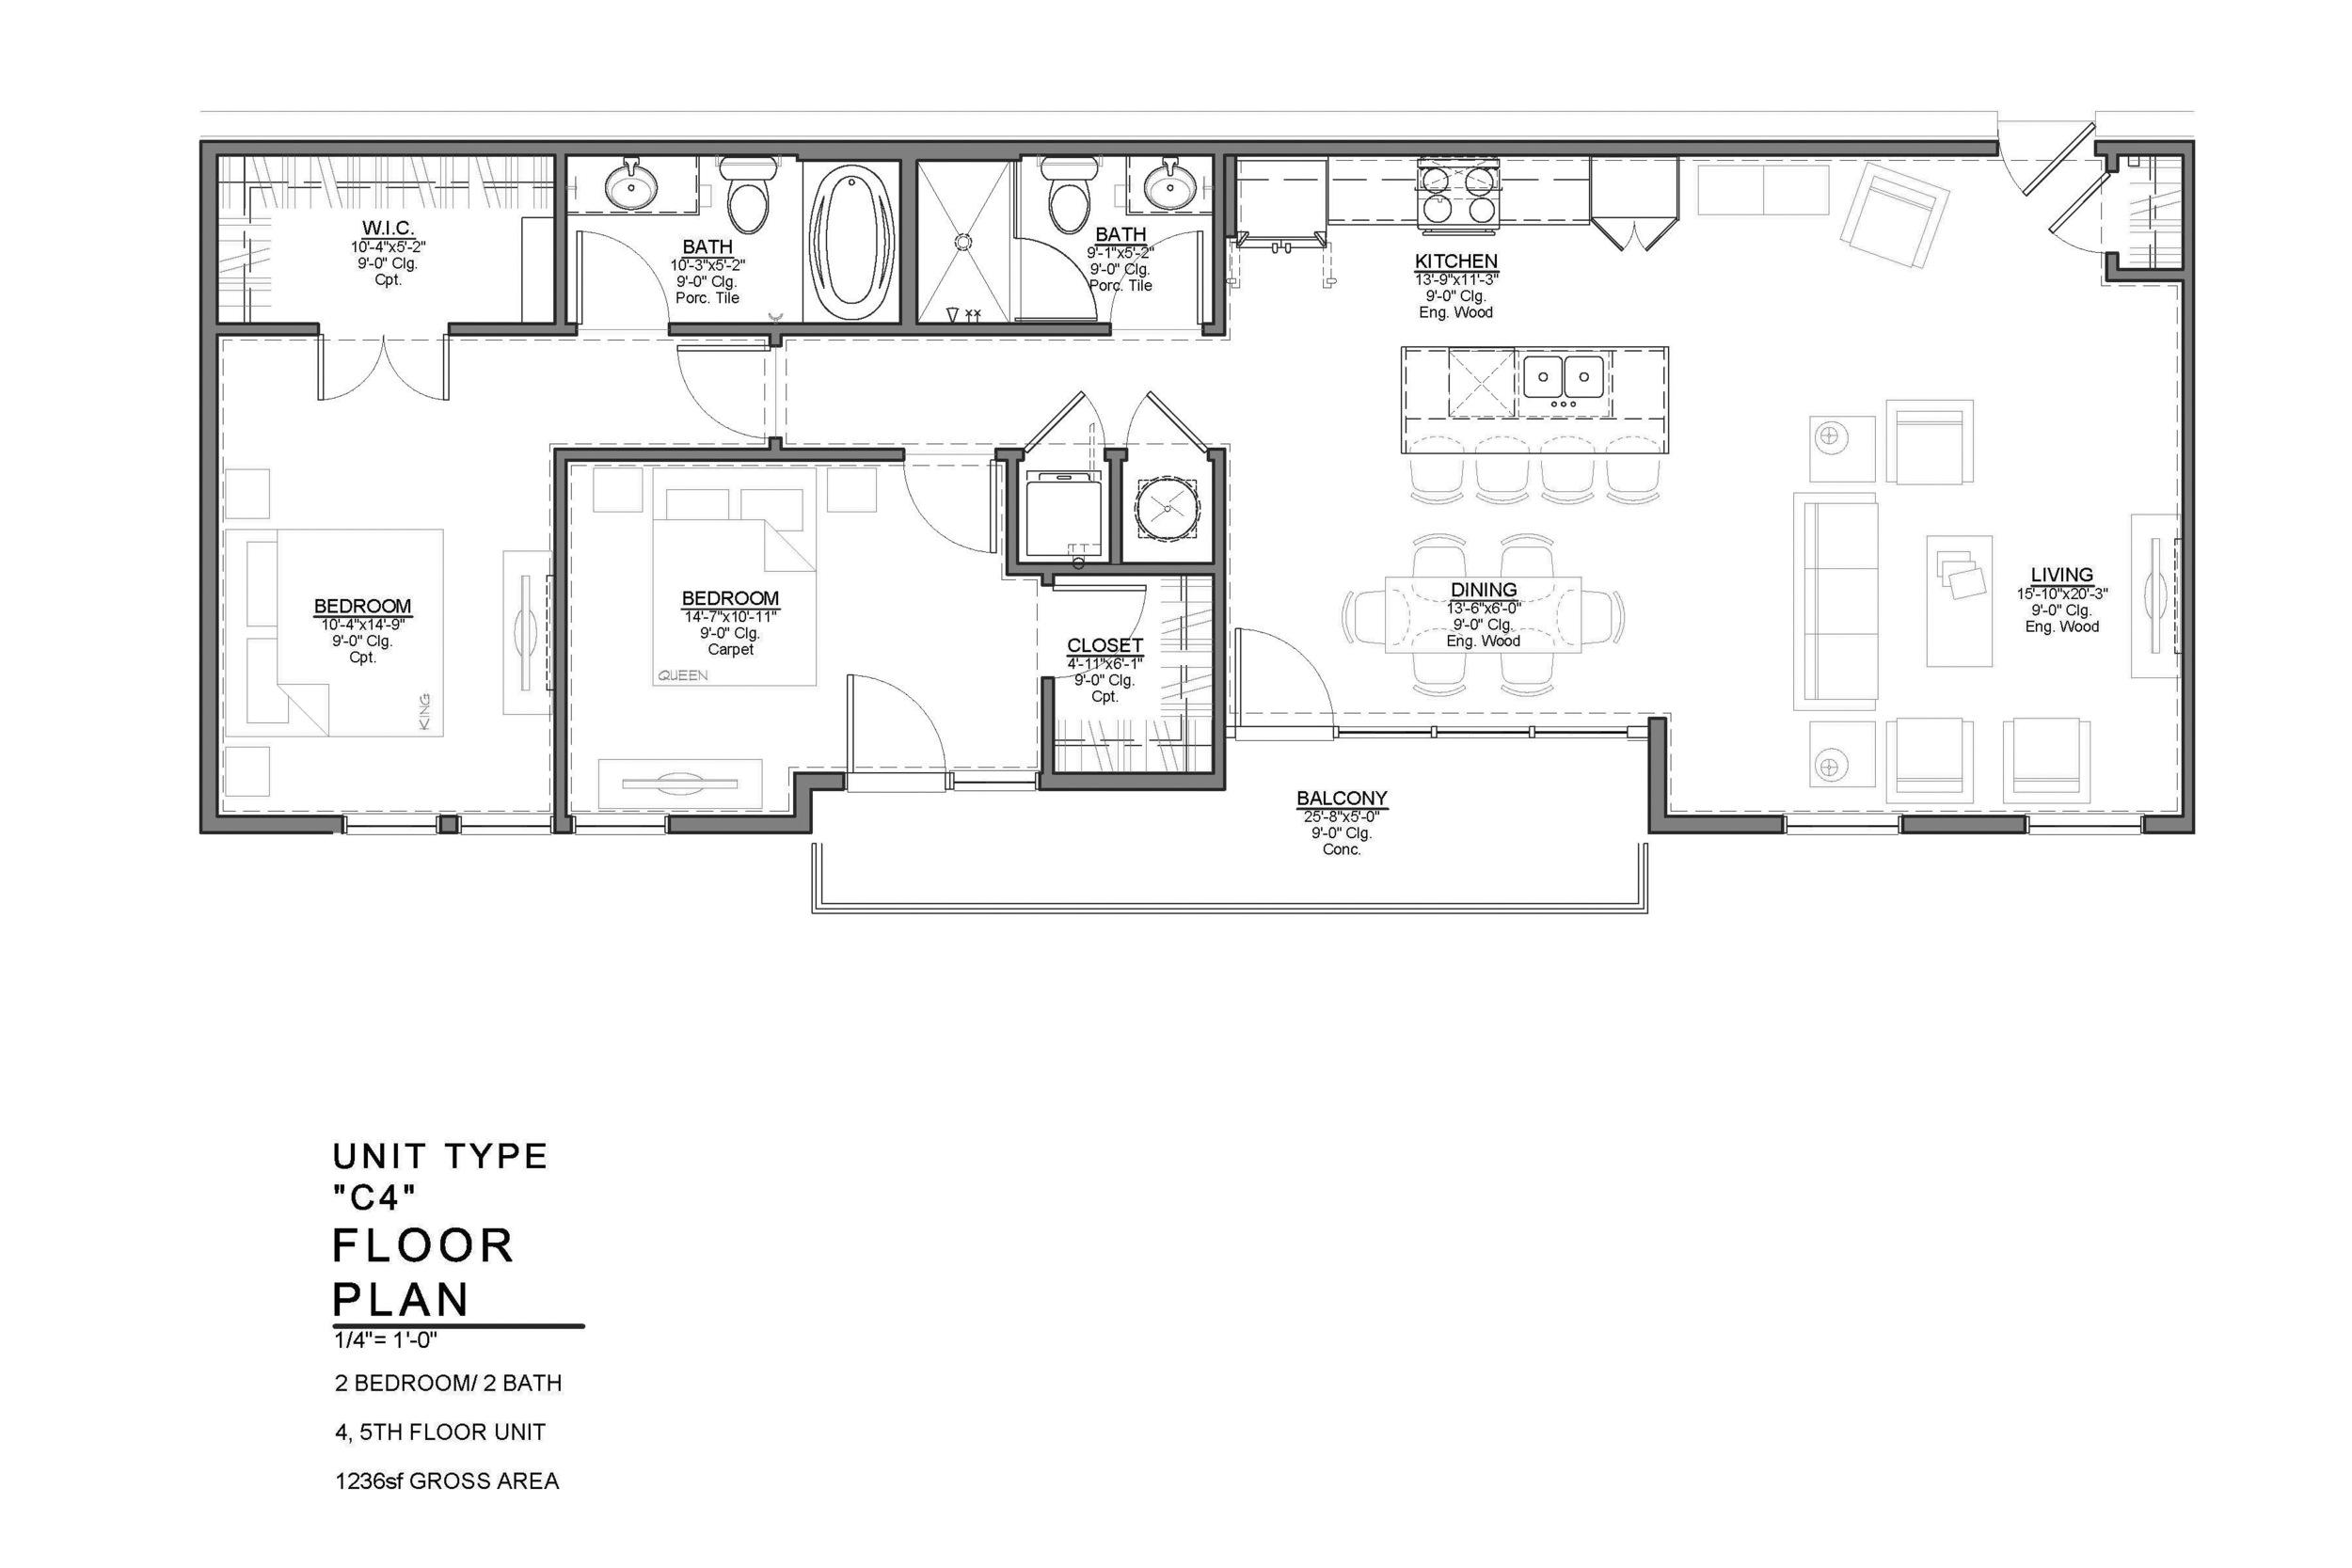 C4 FLOOR PLAN: 2 BEDROOM / 2 BATH